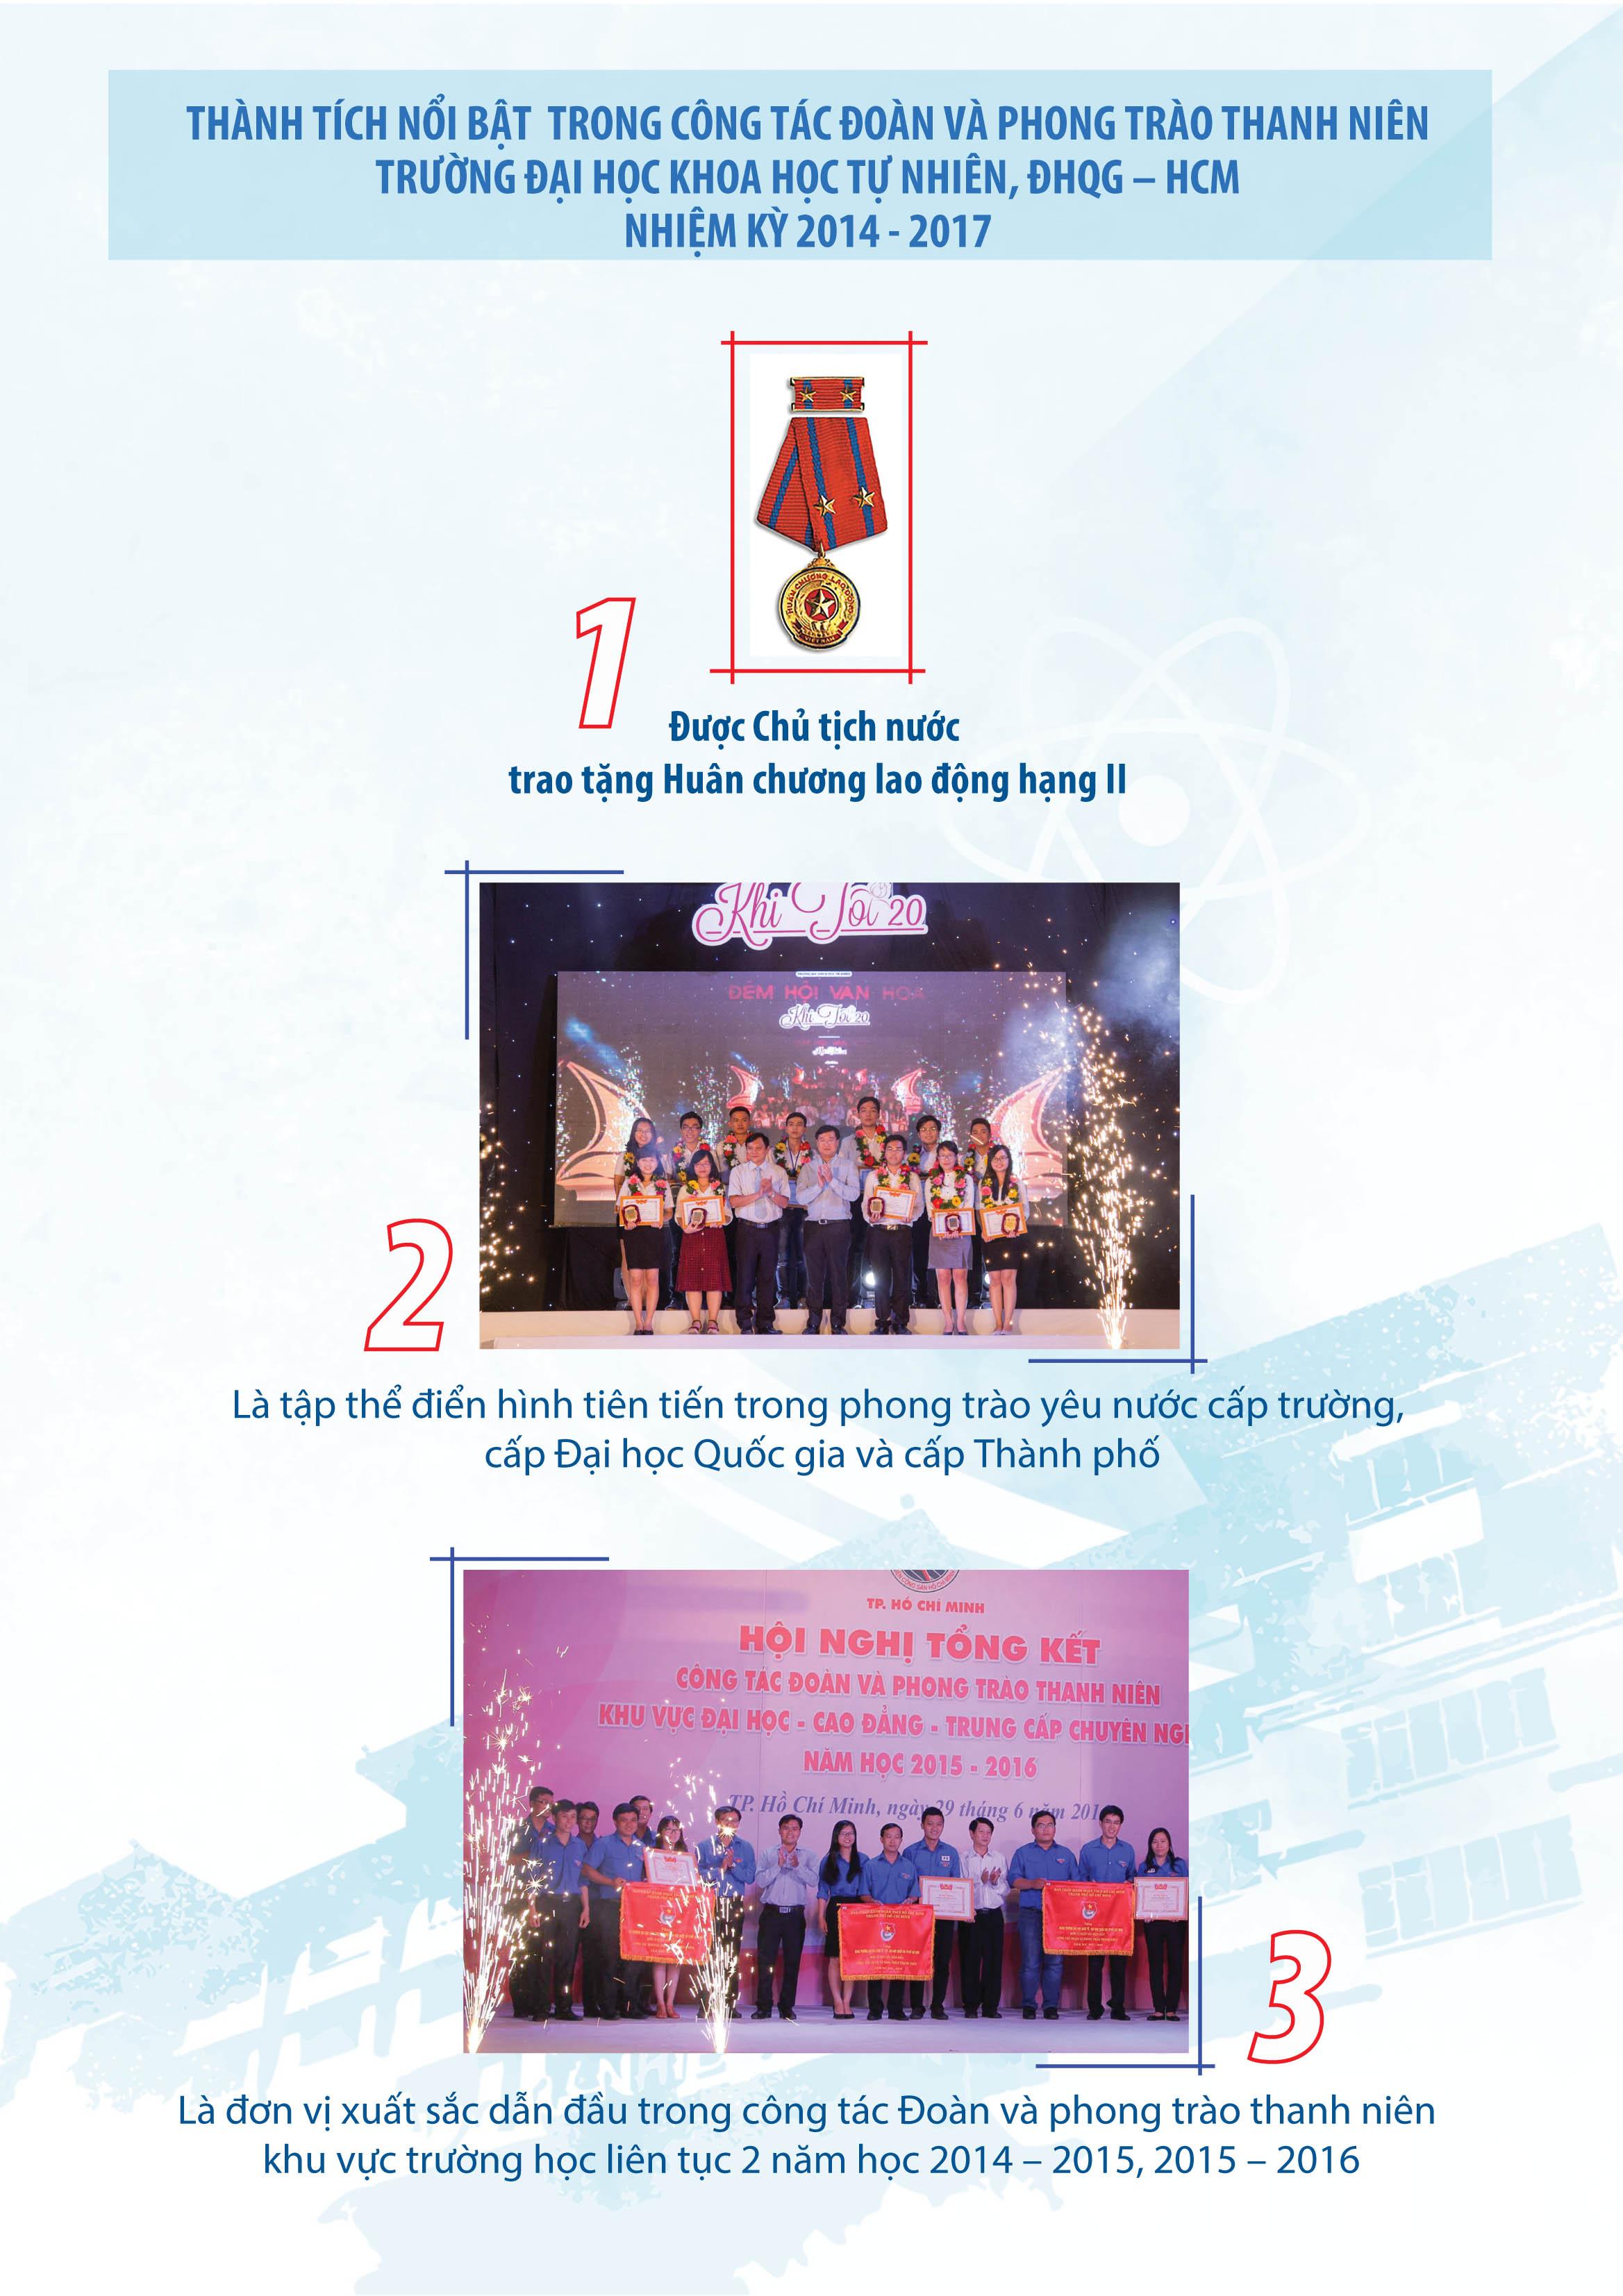 2. (Mau) Thanh tich-01